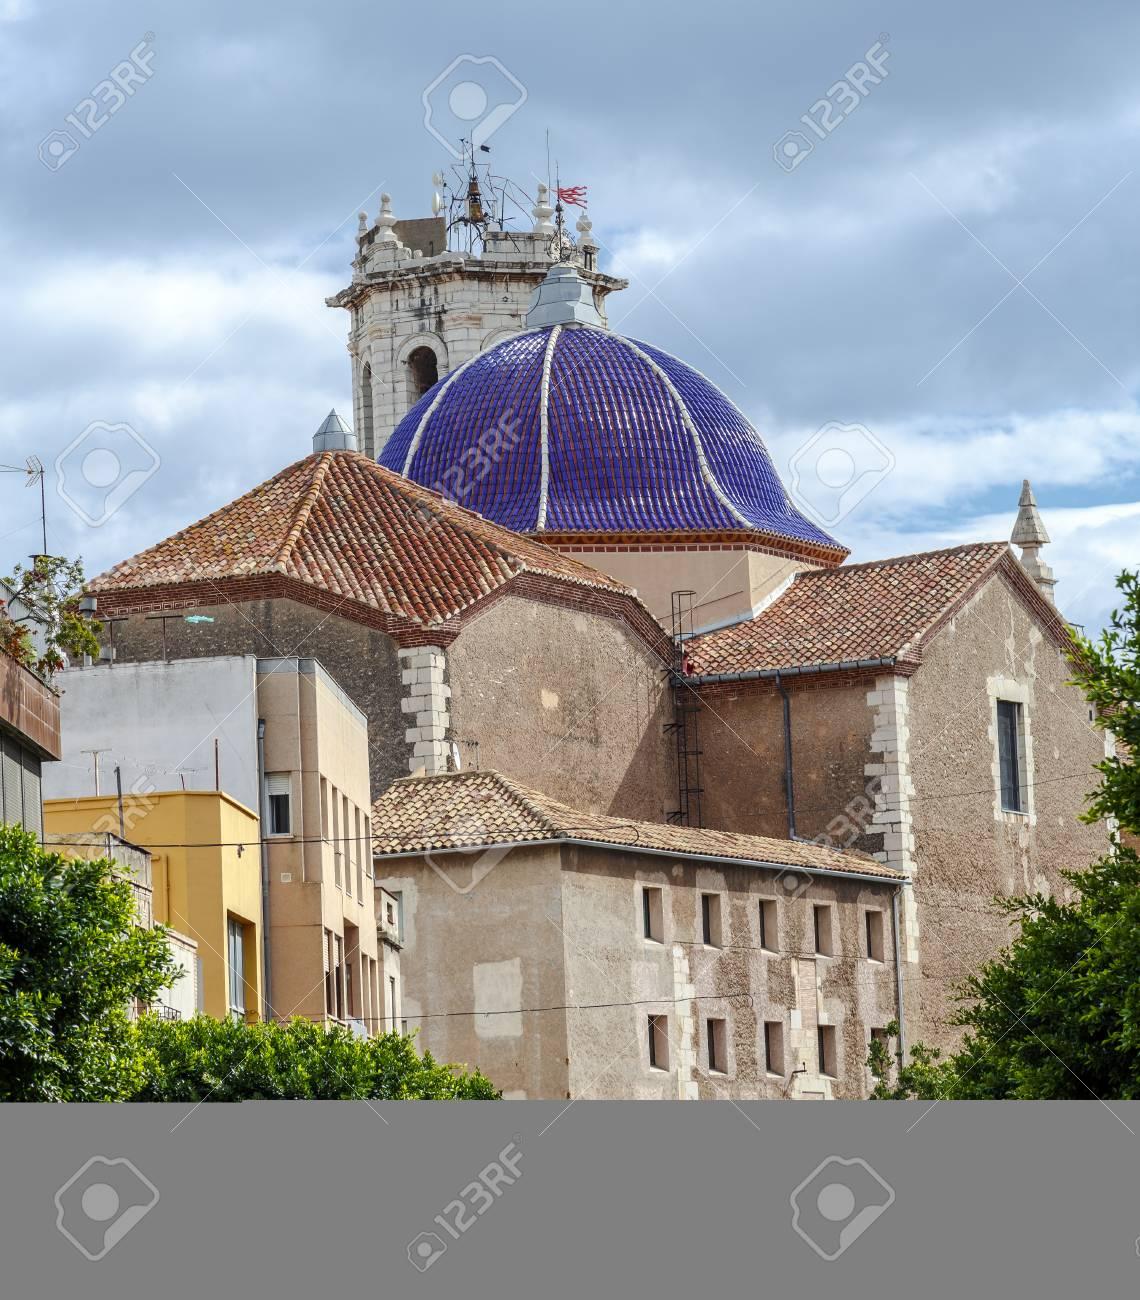 聖バーソロミュー教会ベニカルロ、カステリョン県、スペイン。バロック ...